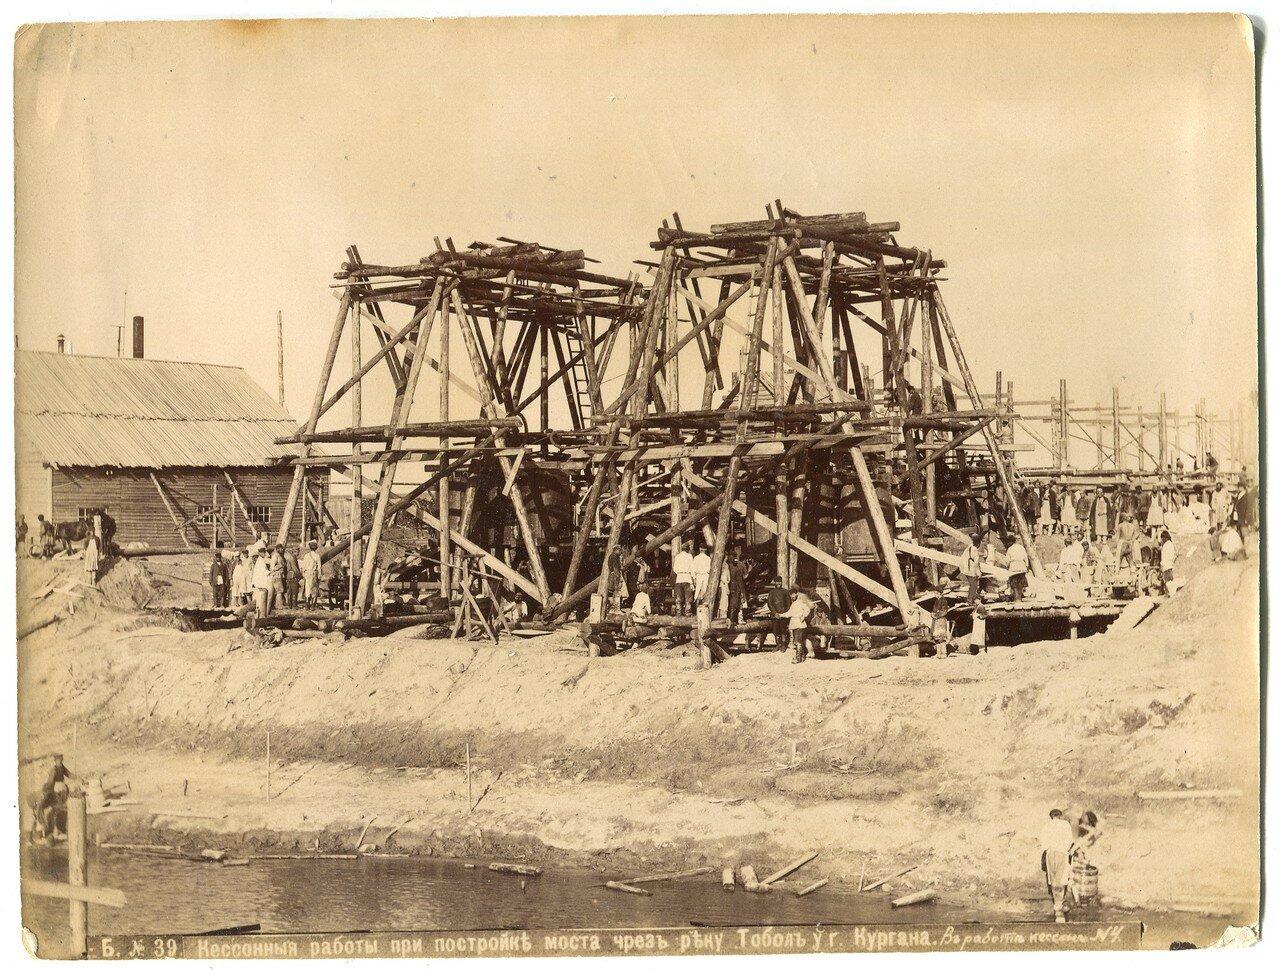 39. Кессонные работы при постройке моста через реку Тобол у Кургана